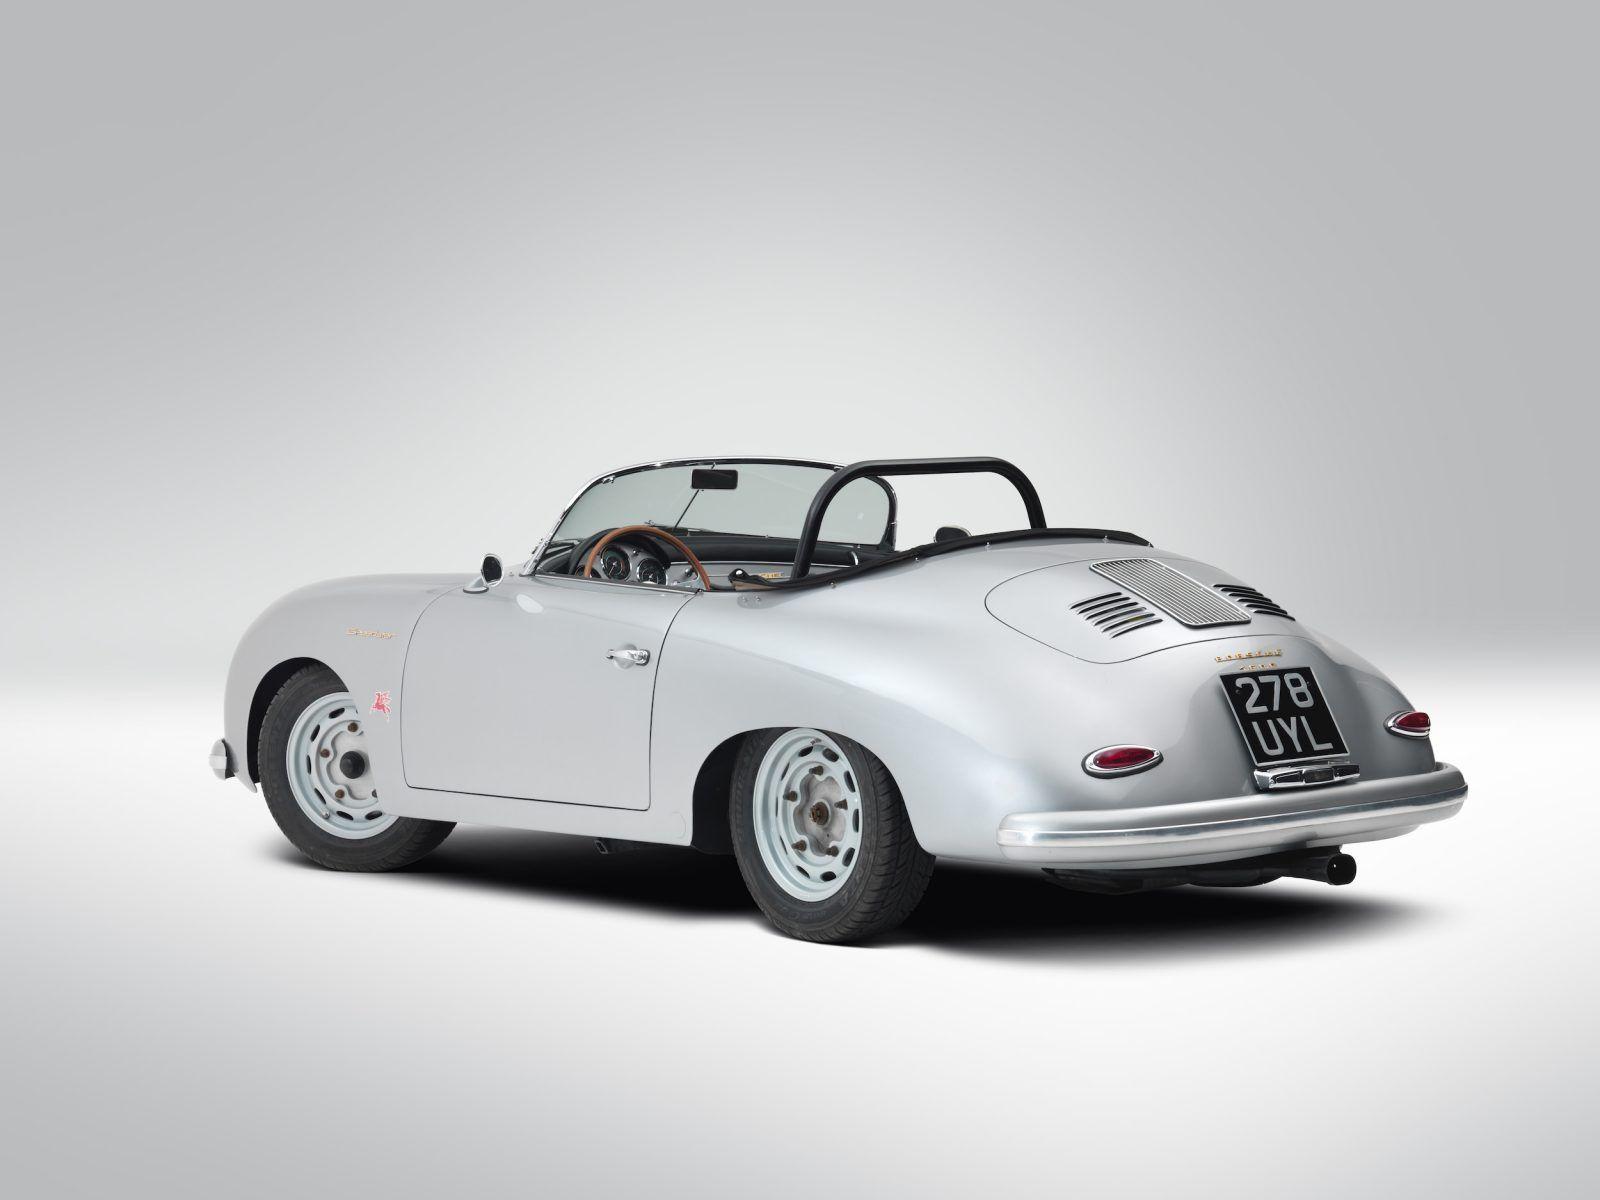 1958 Porsche 356 A 1600 Super Speedster Porsche 356 Porsche 356 Speedster 356 Speedster